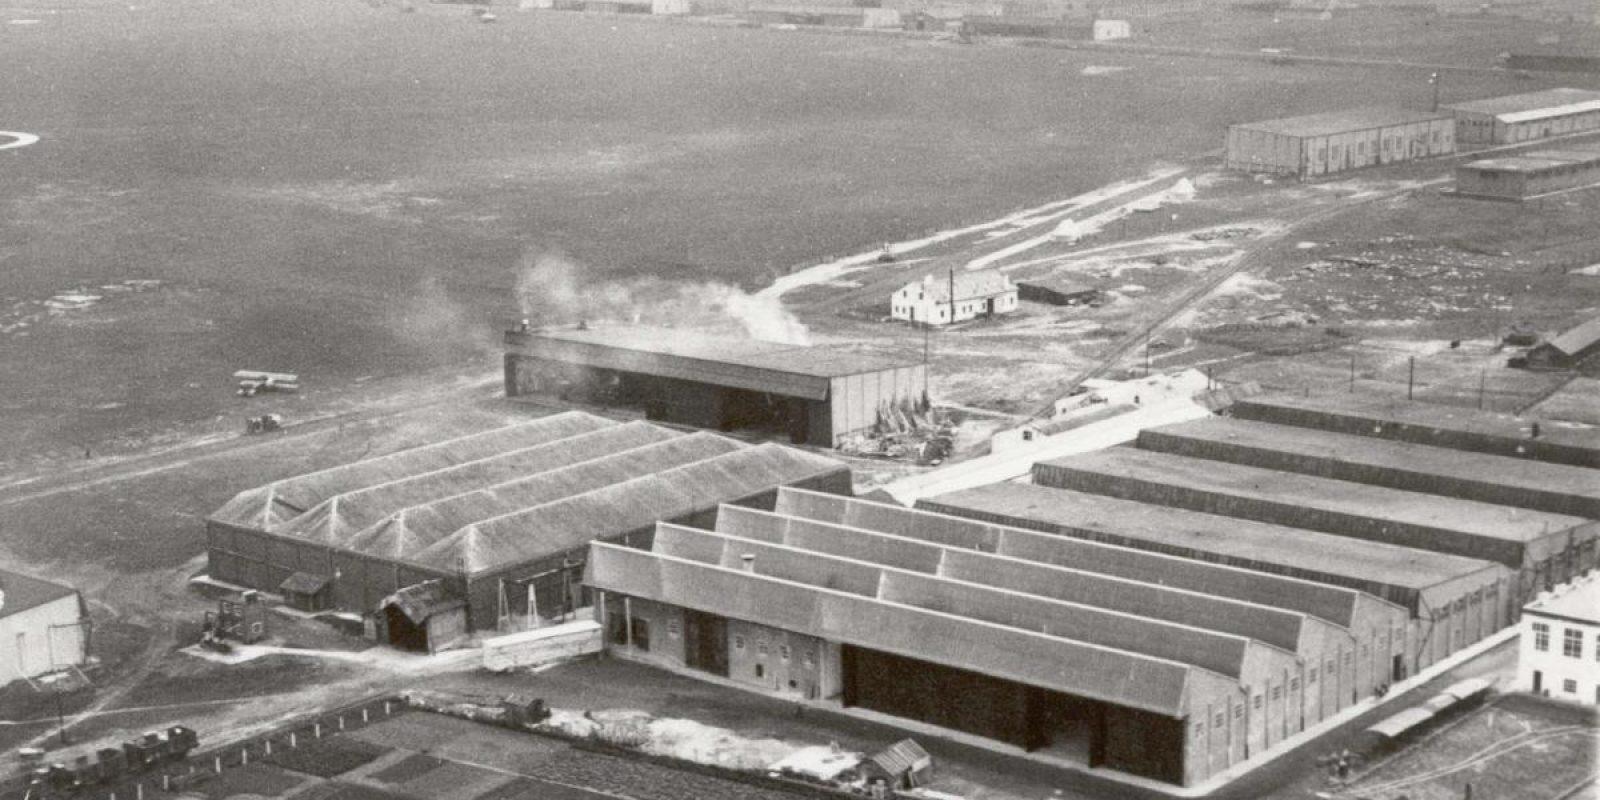 Le siège de la SBACA à Haren dans les années vingt. (Photo Charles Mali)